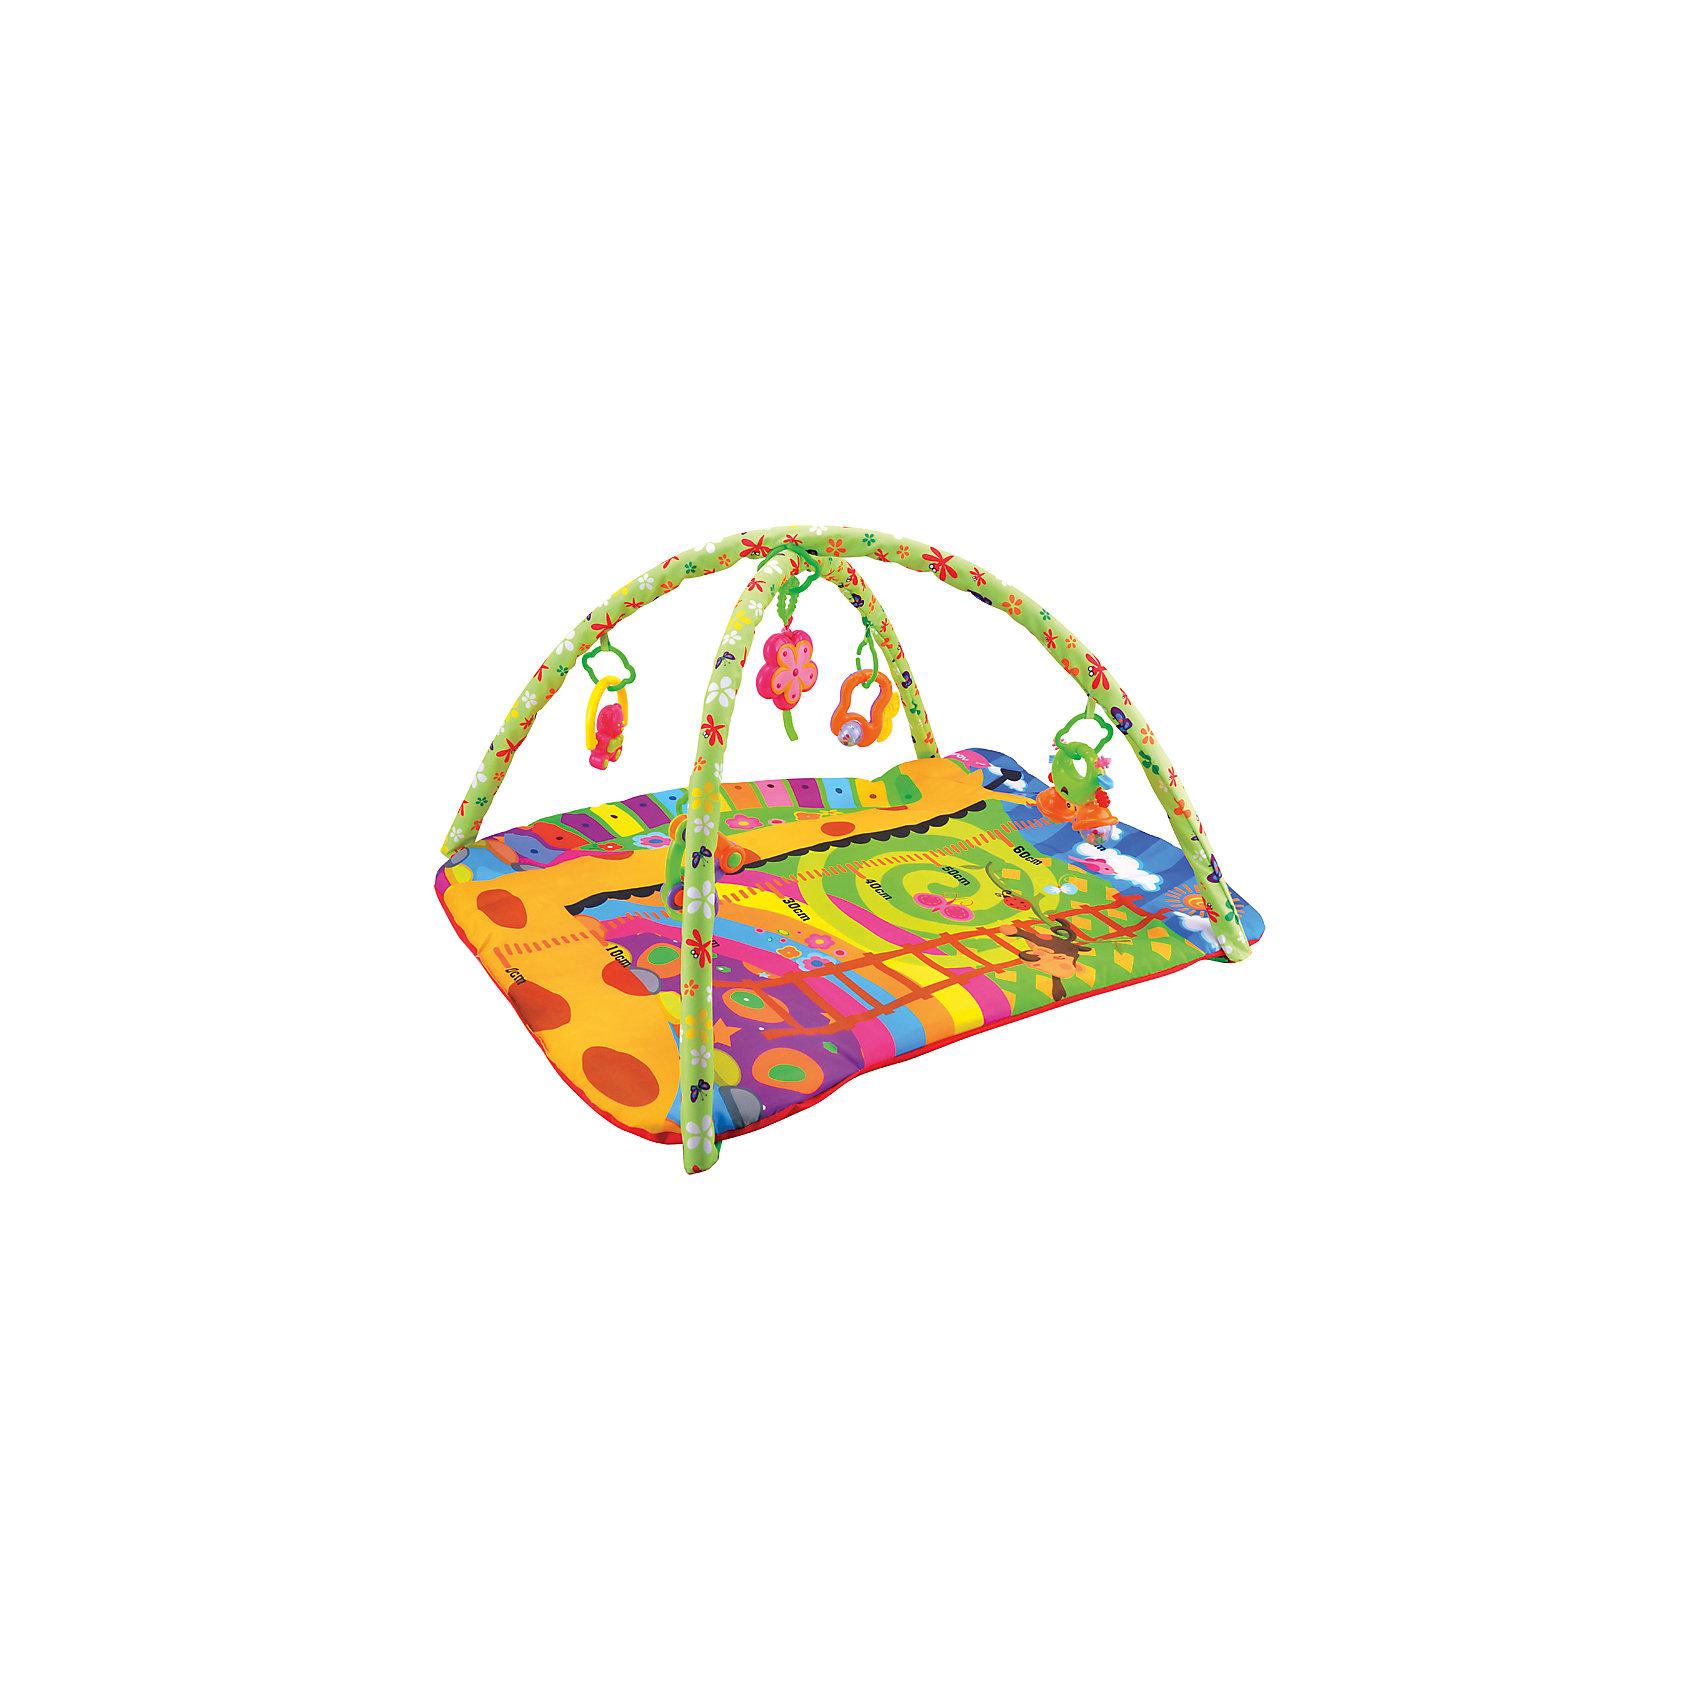 Развивающий коврик «Ростомер жирафик», ЖирафикиРазвивающие коврики<br>Развивающий коврик – идеальное место для игры малыша и просто провождении времени вне сна. Коврик сам по себе – развивающая игрушка с множеством интересных и разнообразных деталей. Погремушки, пищалки, зеркальца, звуковые и световые эффекты сделают коврик любимой игрушкой ребенка. Коврик развивает воображение, улучшает координацию и мелкую моторику ребенка. Материалы, использованные при изготовлении товара, абсолютно безопасны и отвечают всем международным требованиям по качеству.<br><br>Дополнительные характеристики:<br><br>материал: текстиль, пластик;<br>цвет: розовый;<br>возраст: 0-12 месяцев;<br>габариты: 60 X 5 X 60 см.<br><br>Развивающий коврик Ростомер Жирафик от компании Жирафики можно приобрести в нашем магазине.<br><br>Ширина мм: 600<br>Глубина мм: 950<br>Высота мм: 560<br>Вес г: 917<br>Возраст от месяцев: 1<br>Возраст до месяцев: 36<br>Пол: Унисекс<br>Возраст: Детский<br>SKU: 5032574